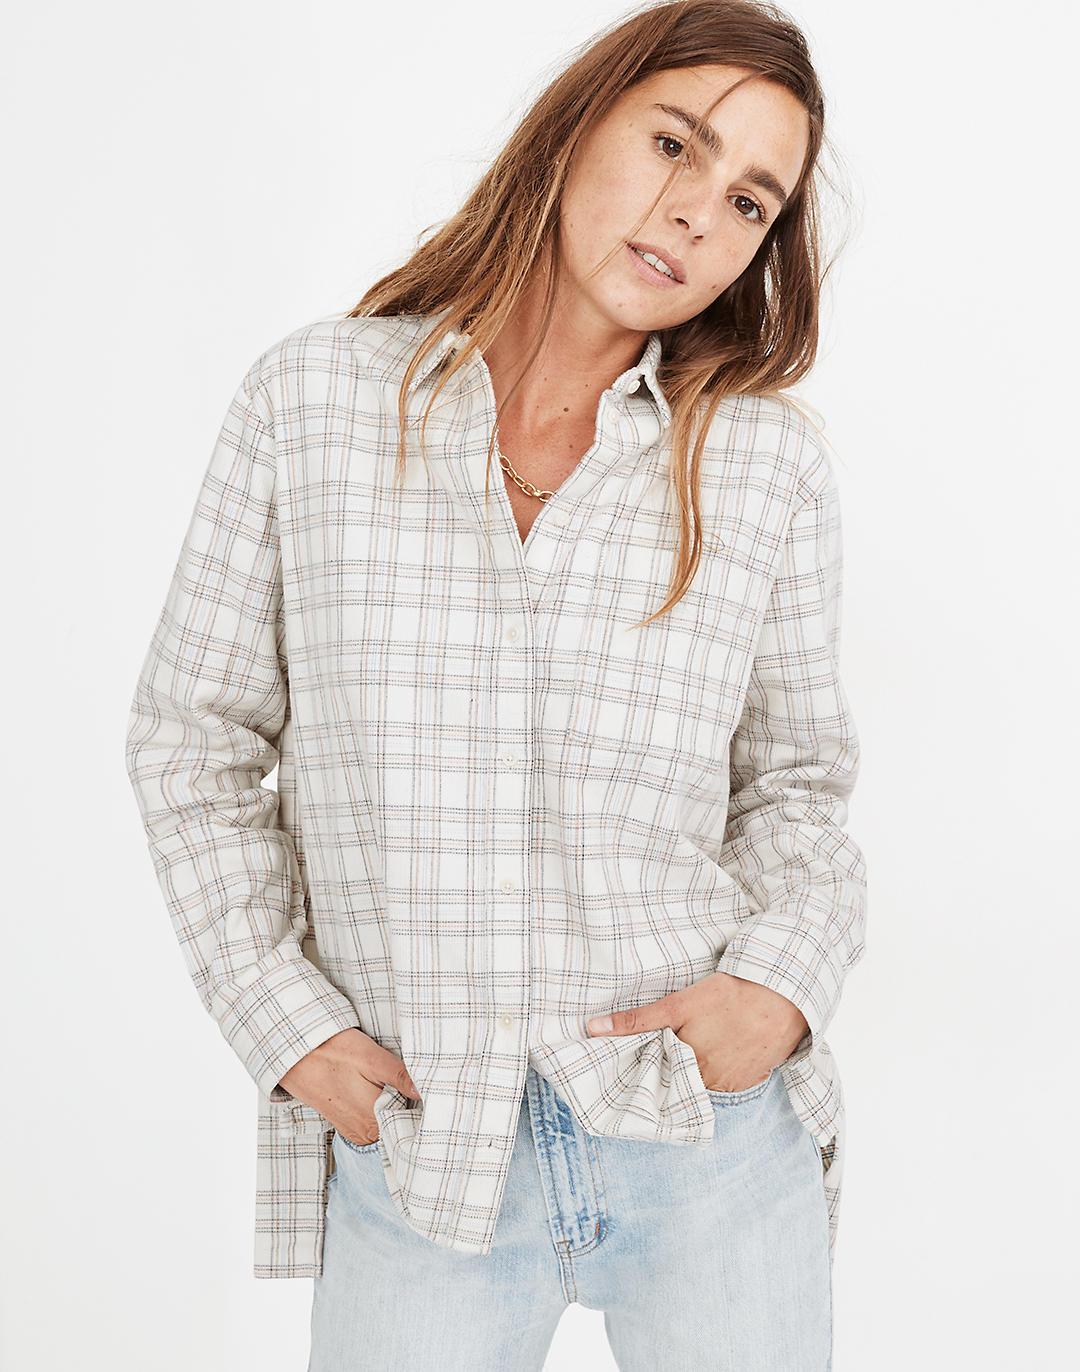 Madewell corduroy shirt